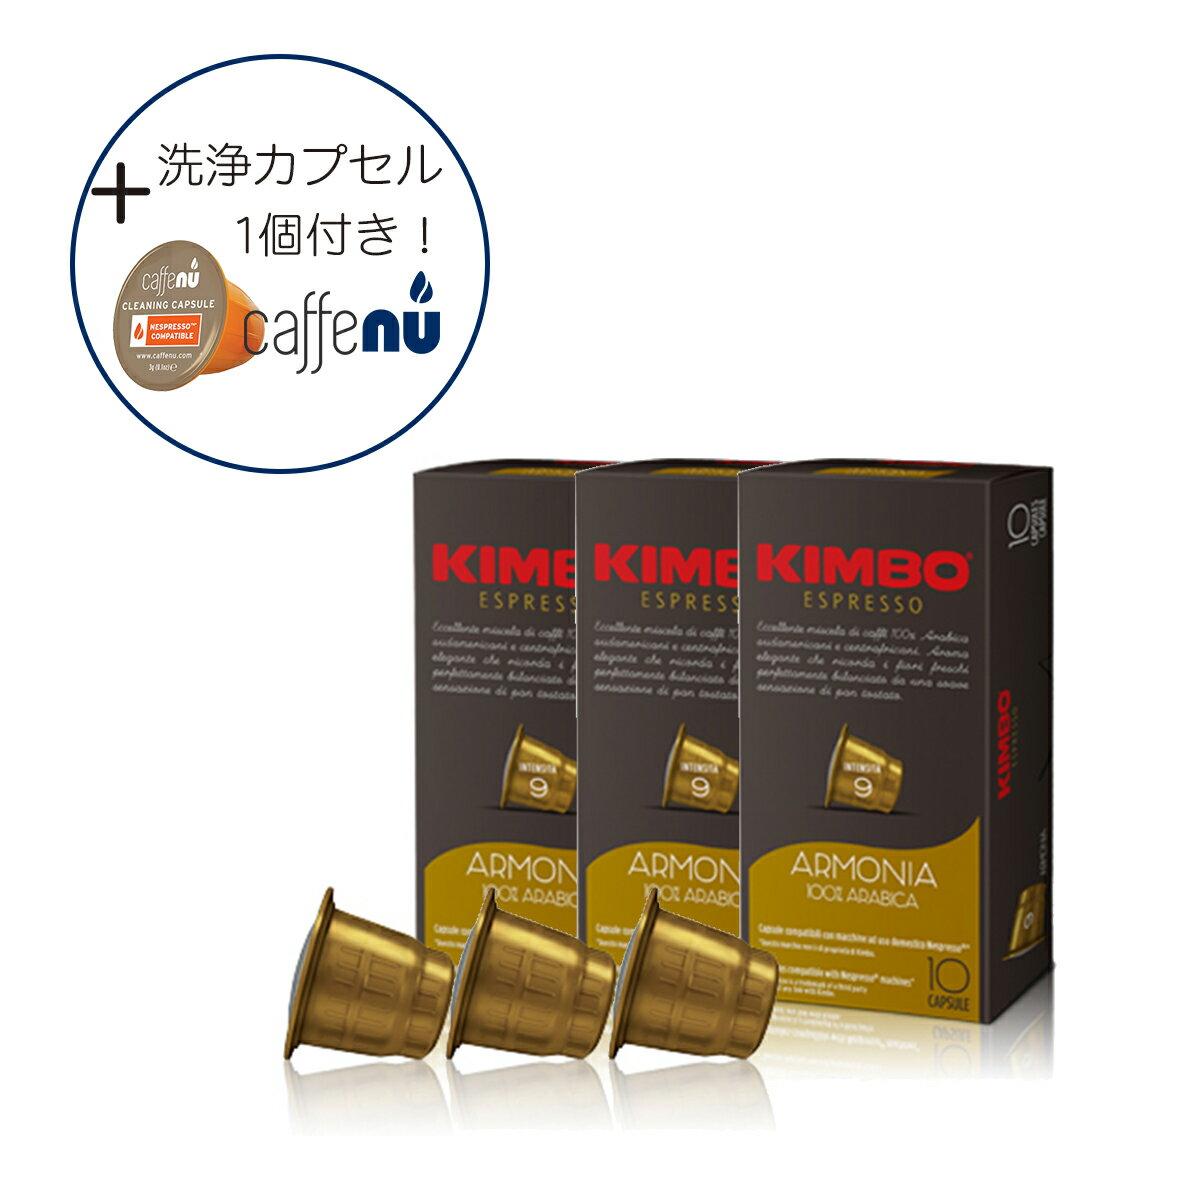 ネスプレッソ カプセル 互換 キンボ kimbo コーヒー アルモニア 1箱 10 カプセル 3箱 合計 30 カプセル 送料無料